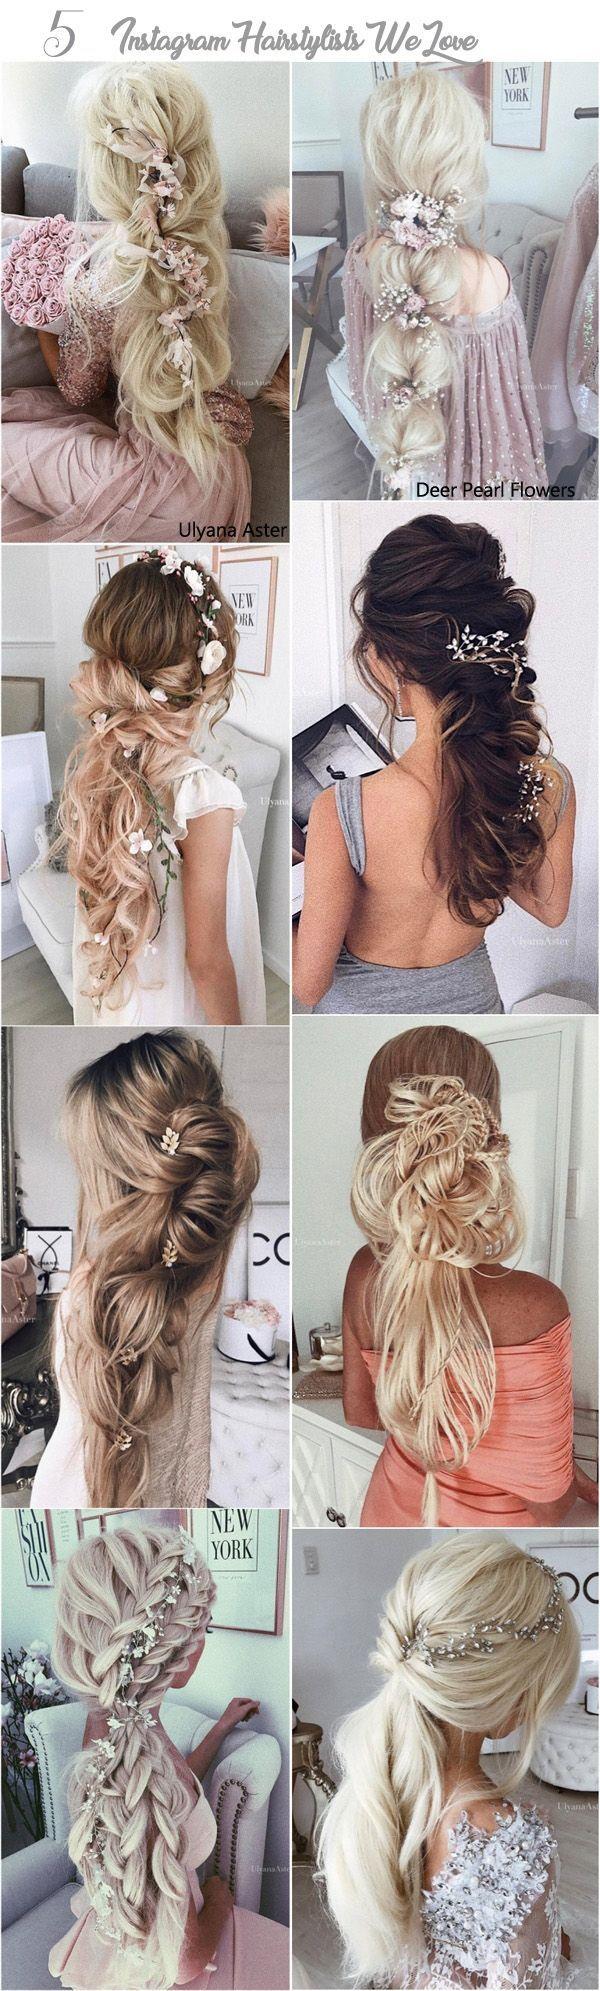 Ullyana Aster Long Wedding Hairstyles / www.deerpearlflow...